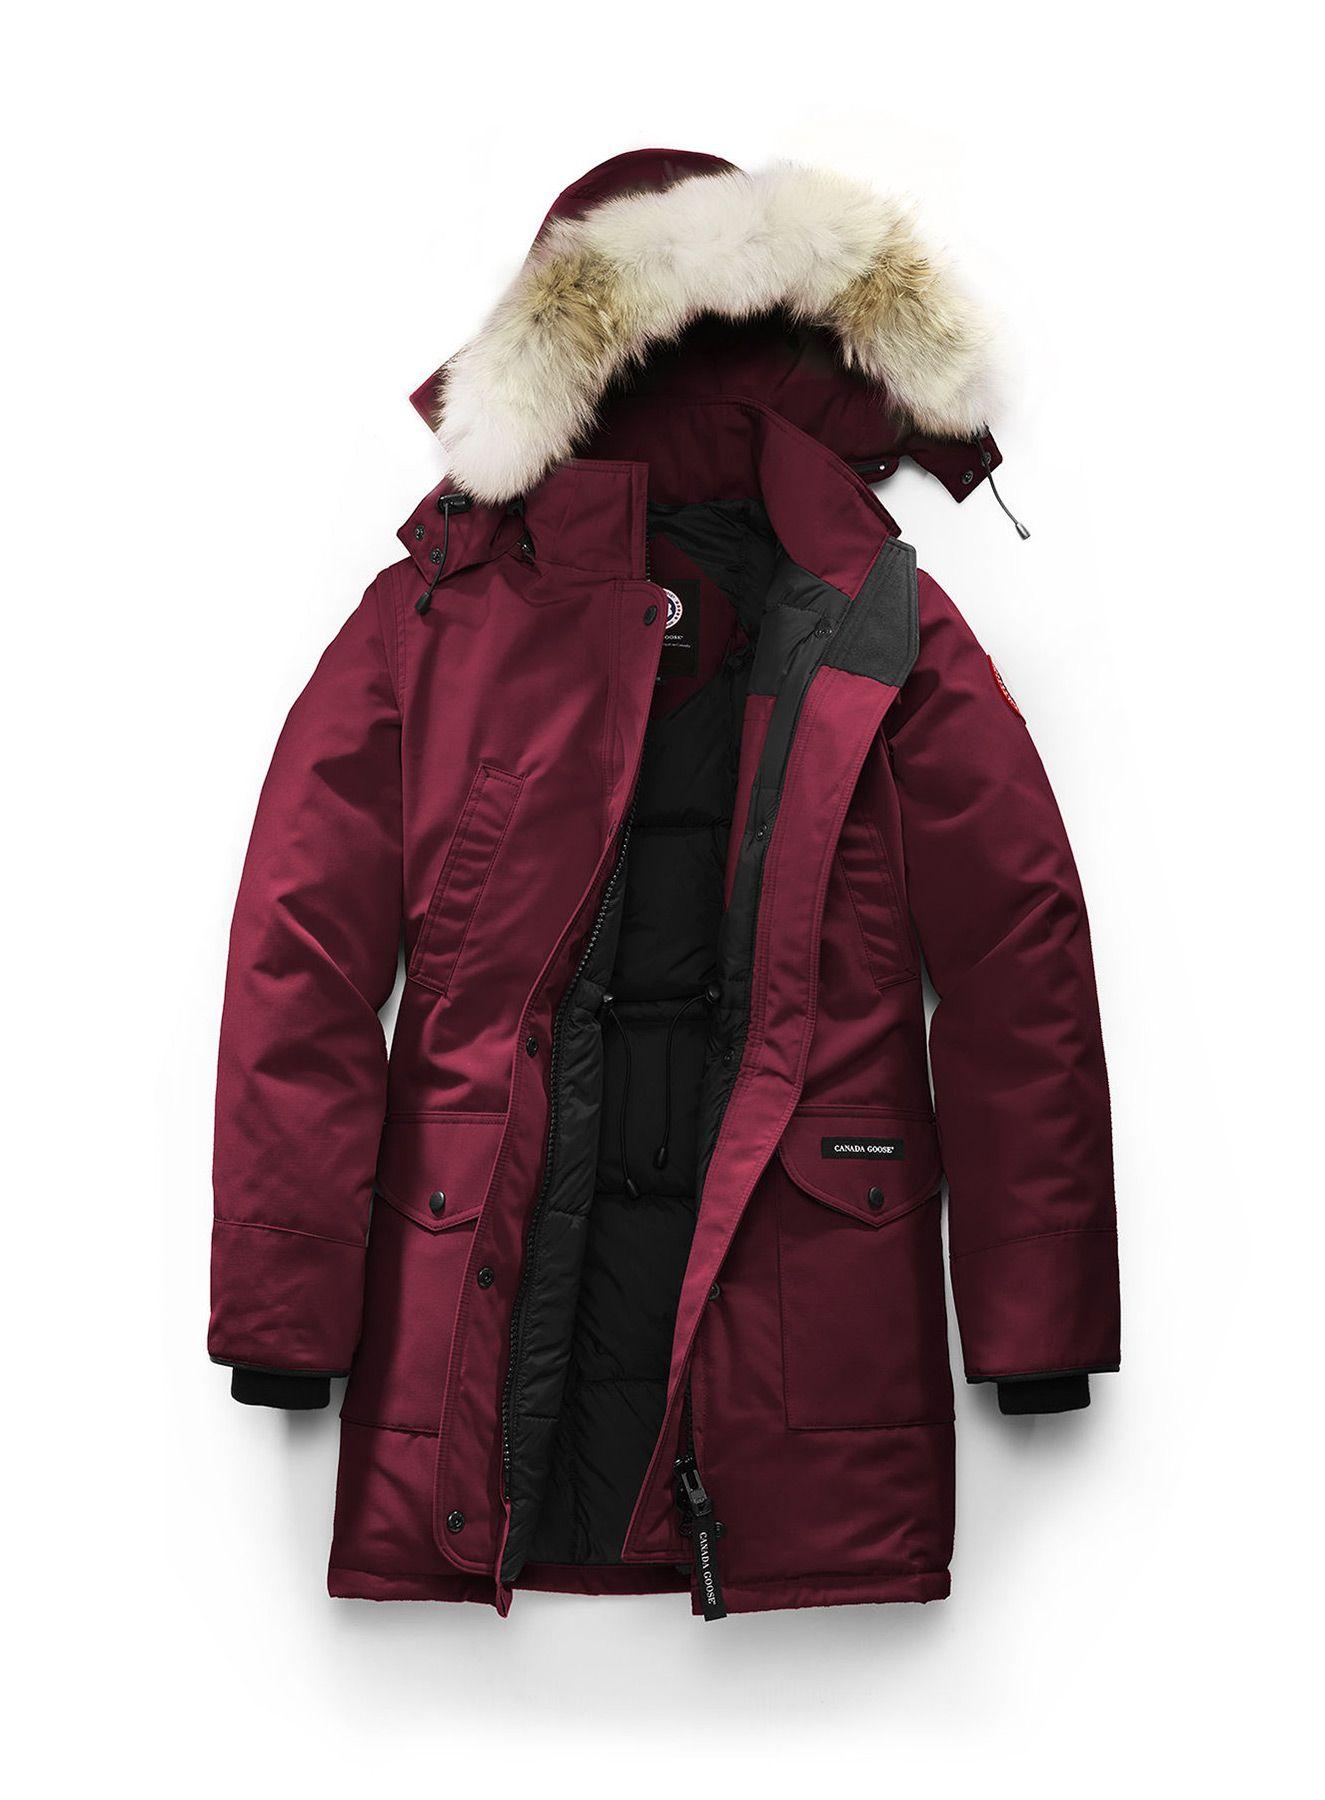 canada goose jacket vs